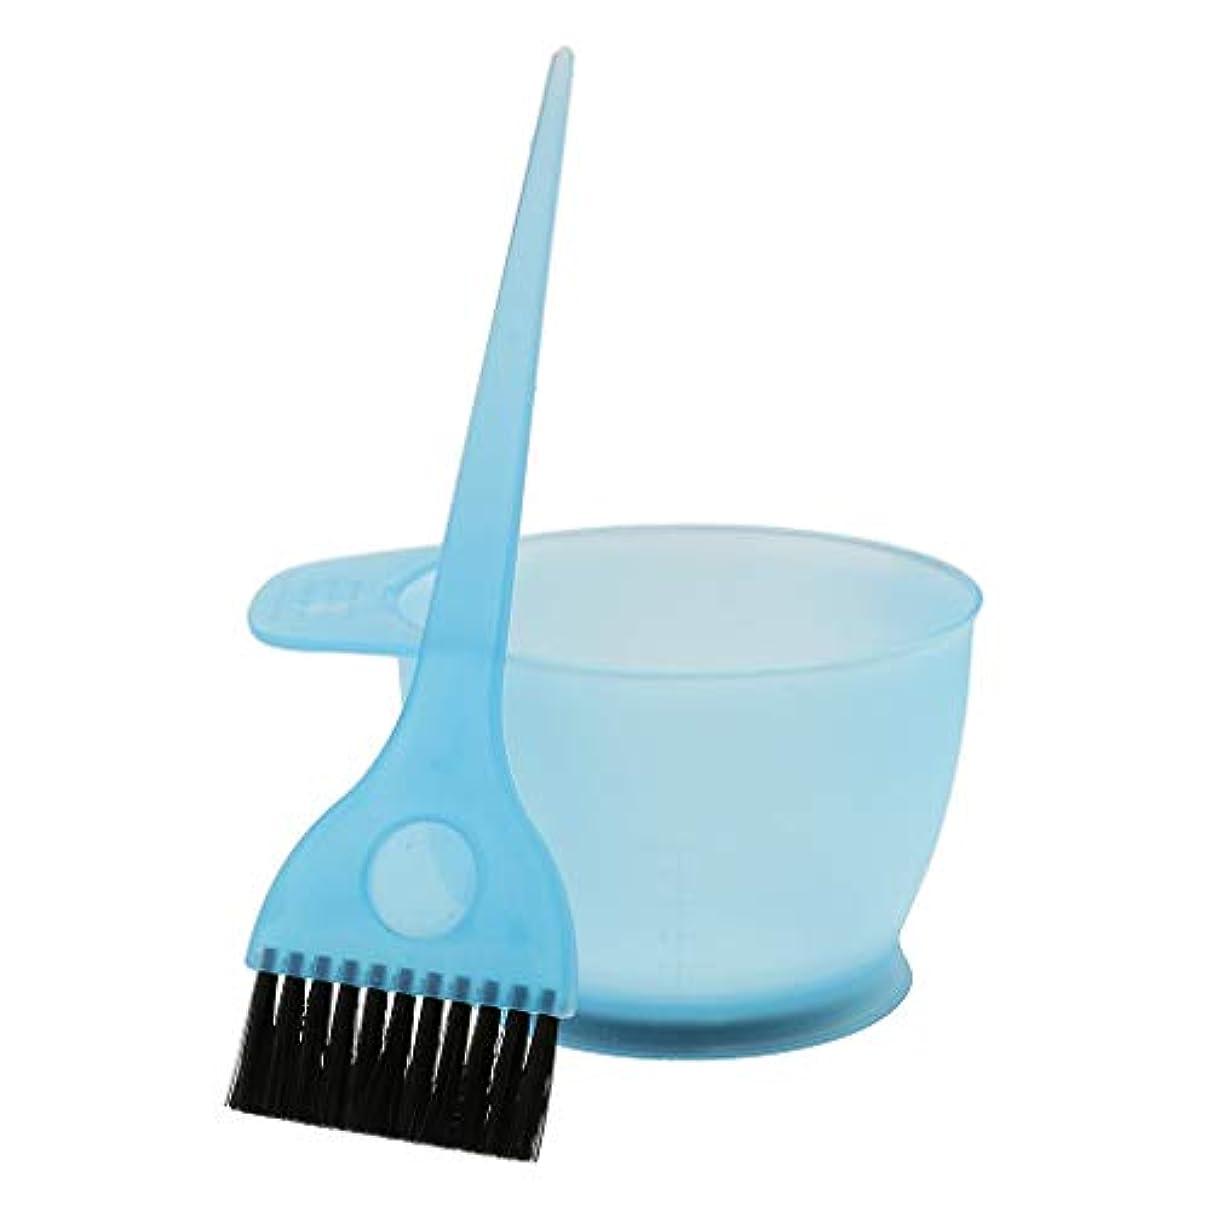 支援聡明説得力のある髪の色合い染料着色ツールのためのサロン髪色染料ボウル櫛ブラシセットスーツ (ブルー)